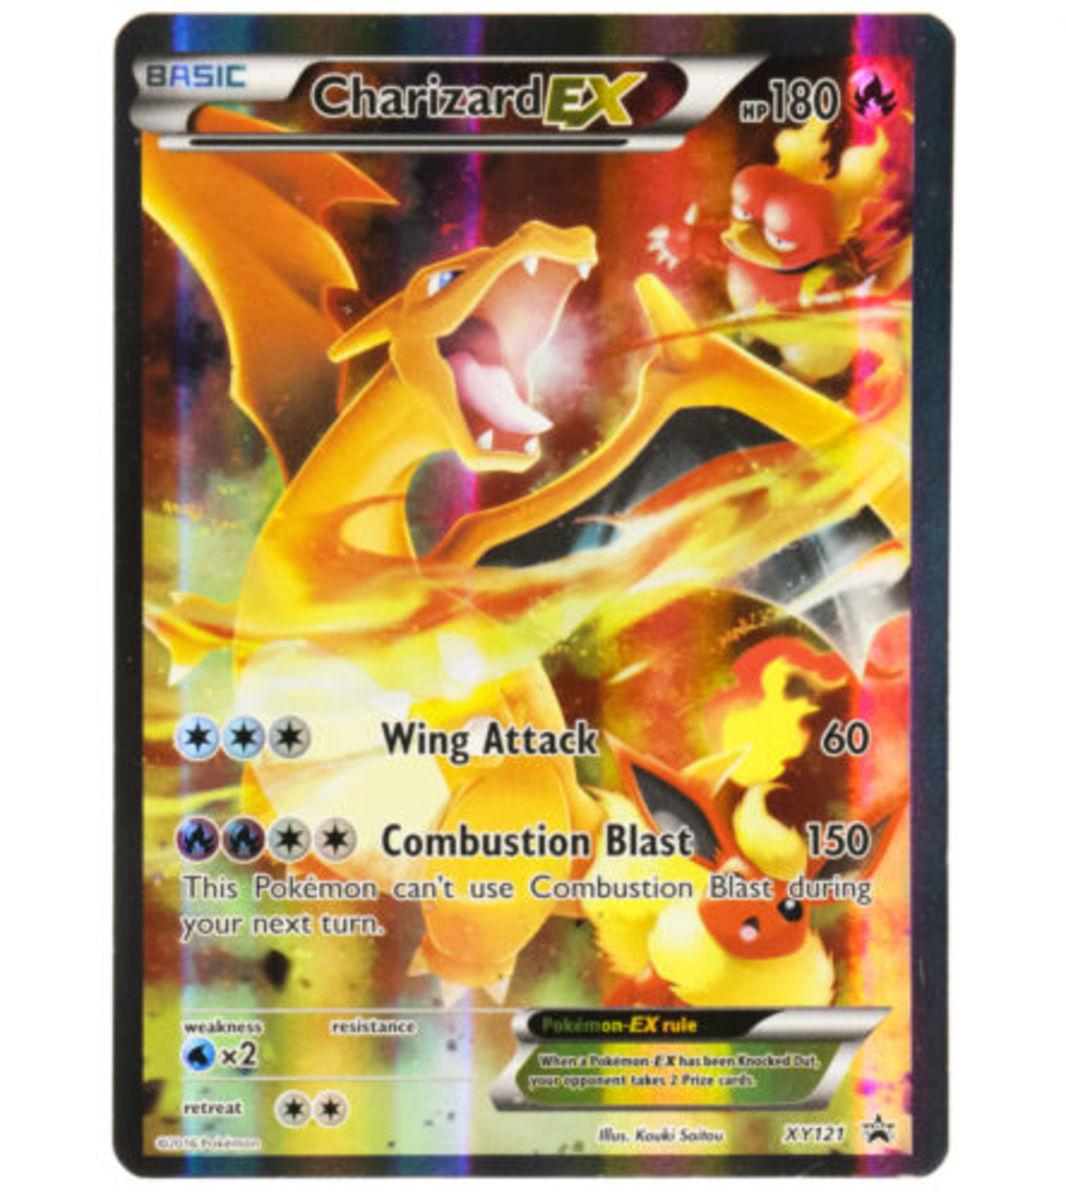 2016 Pokemon XY Promo Charizard EX XY121